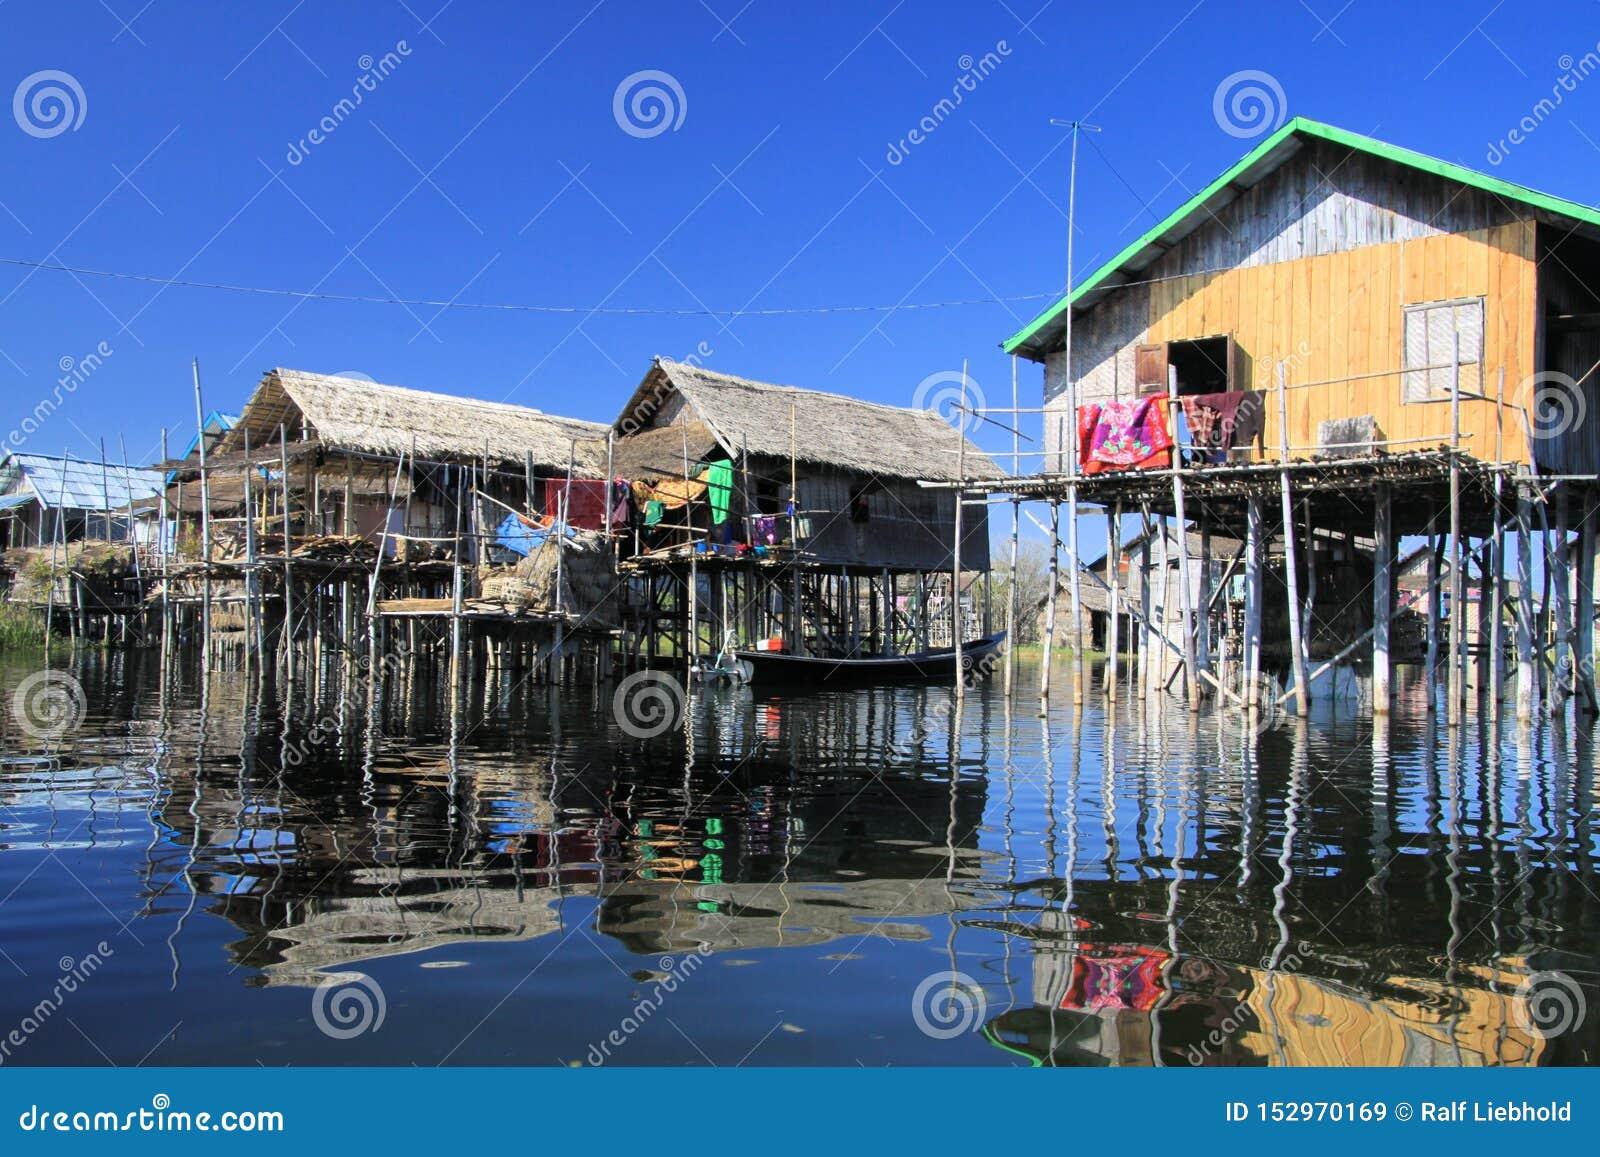 Отражения домов традиционных ходулей деревянных в ровном как стеклянная вода сравнивая с безоблачным голубым небом - озером Inle,